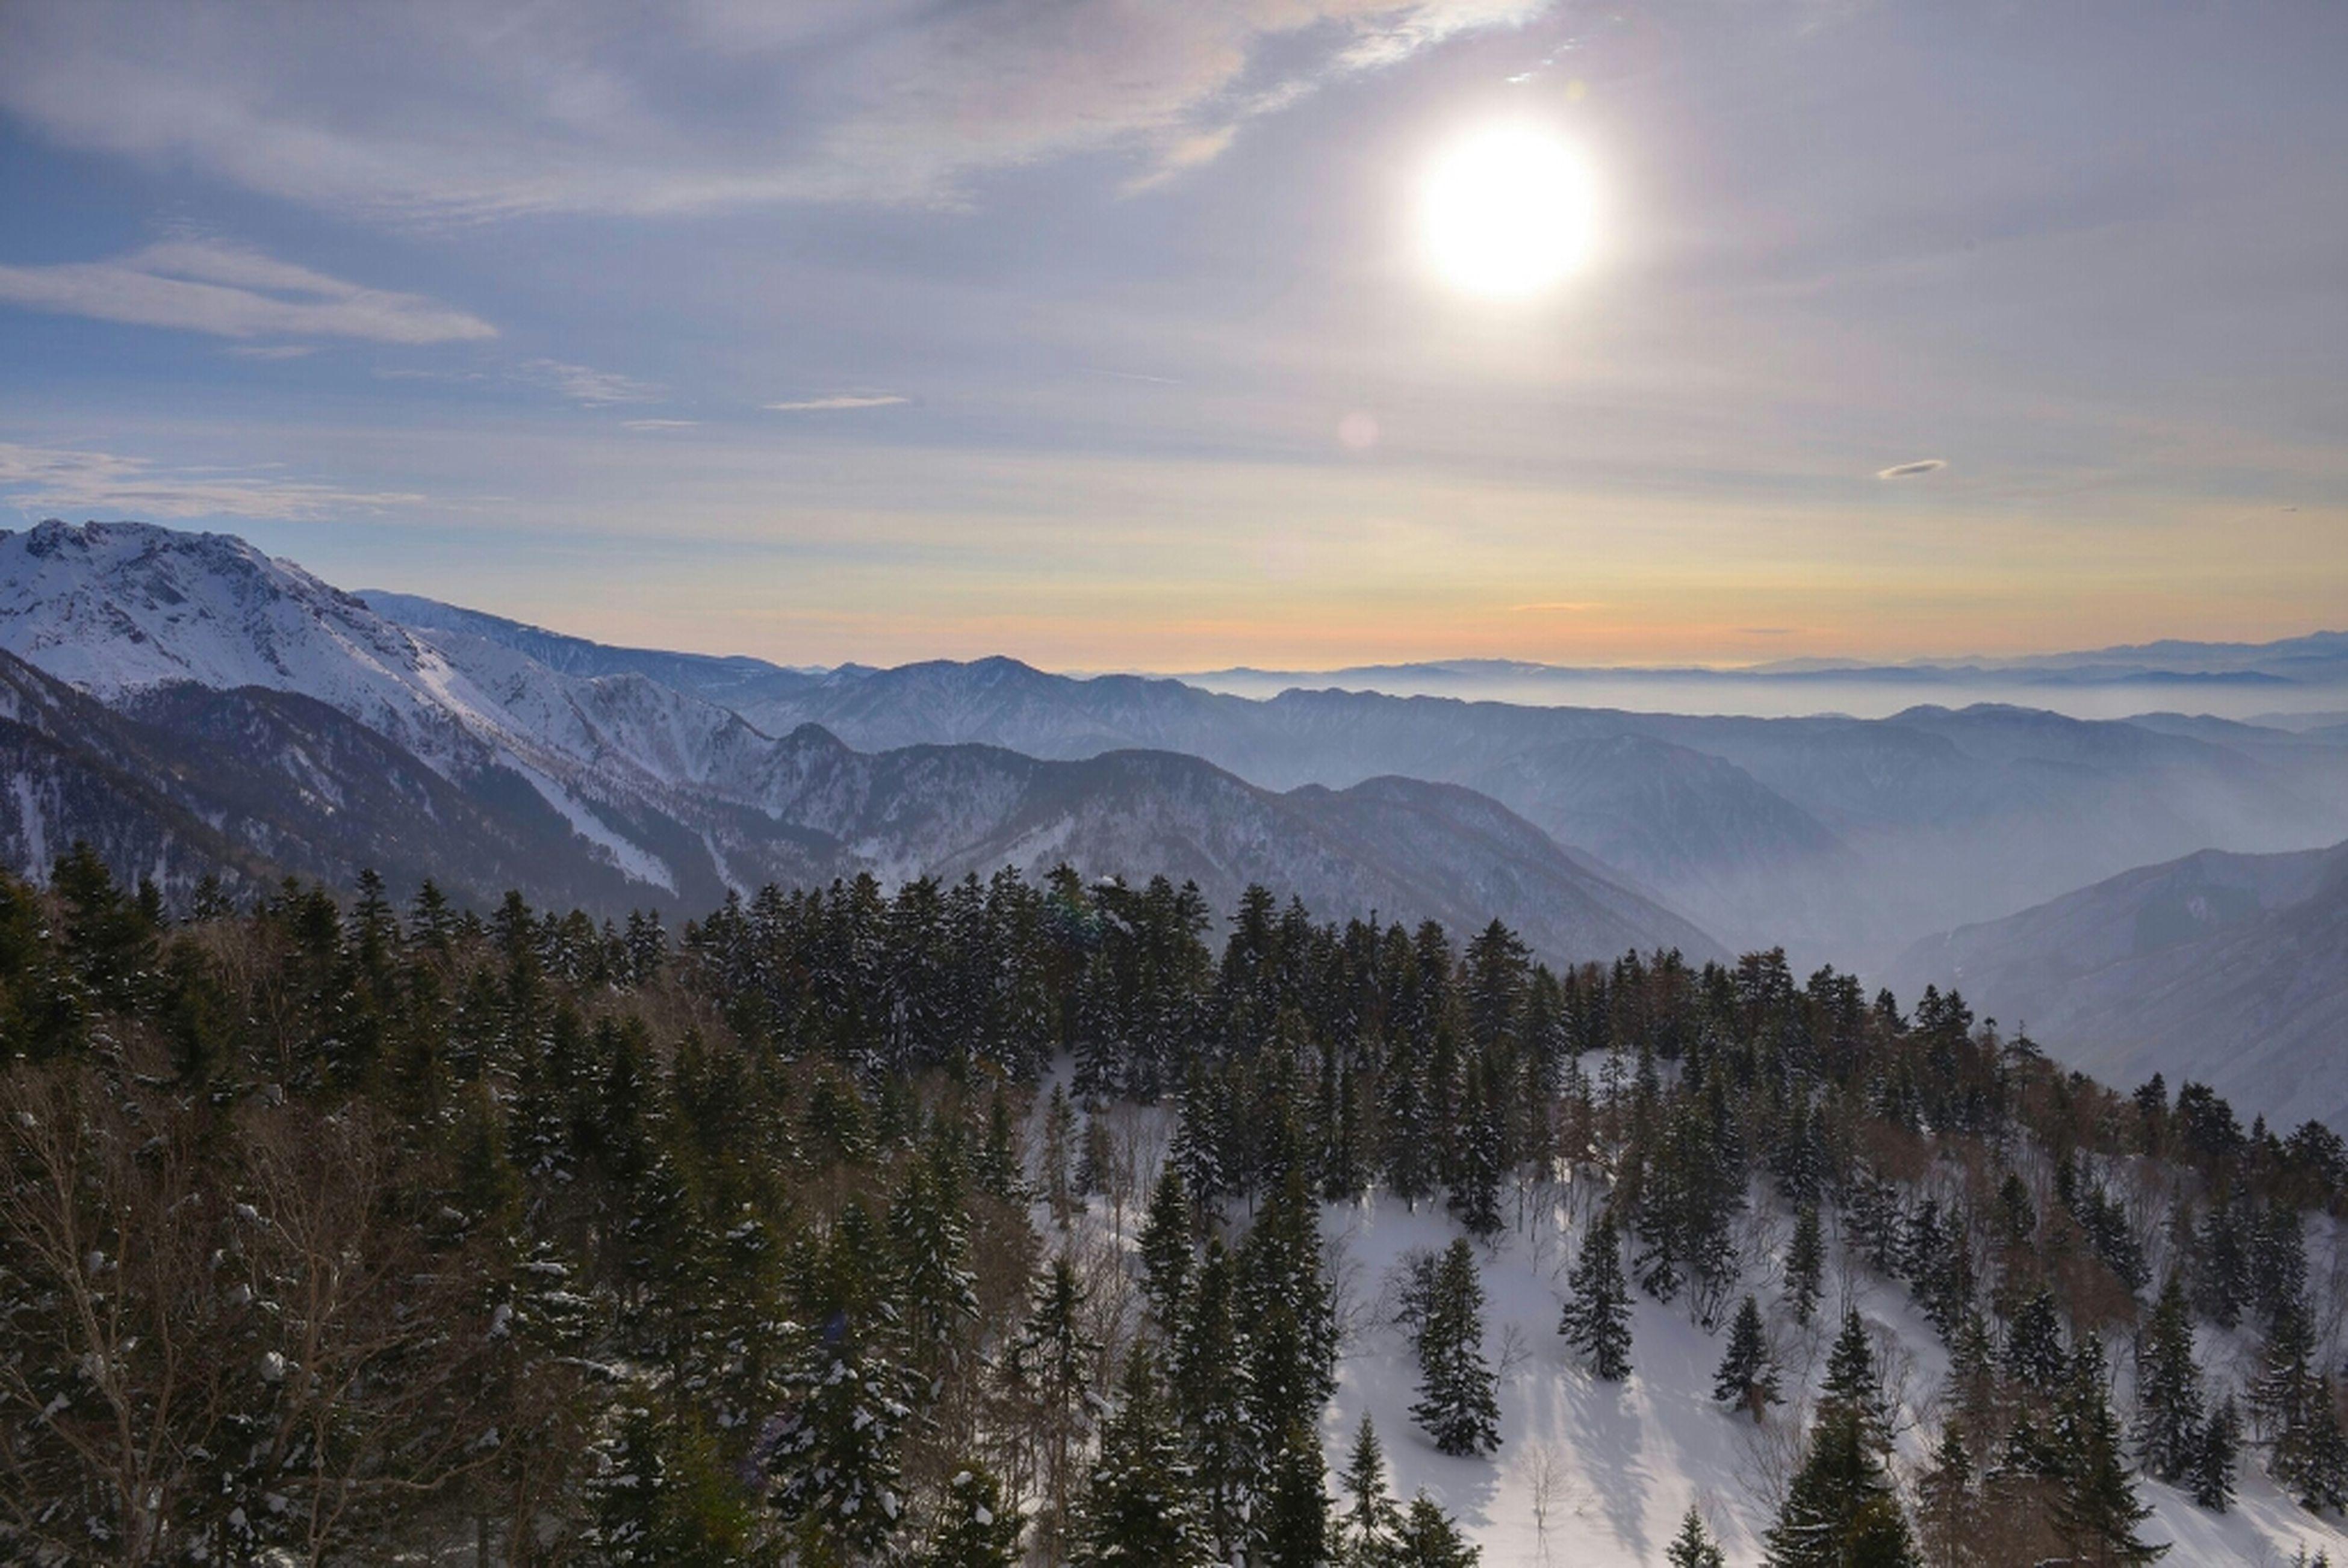 Mountain View Gifu Takayama Japan Alps